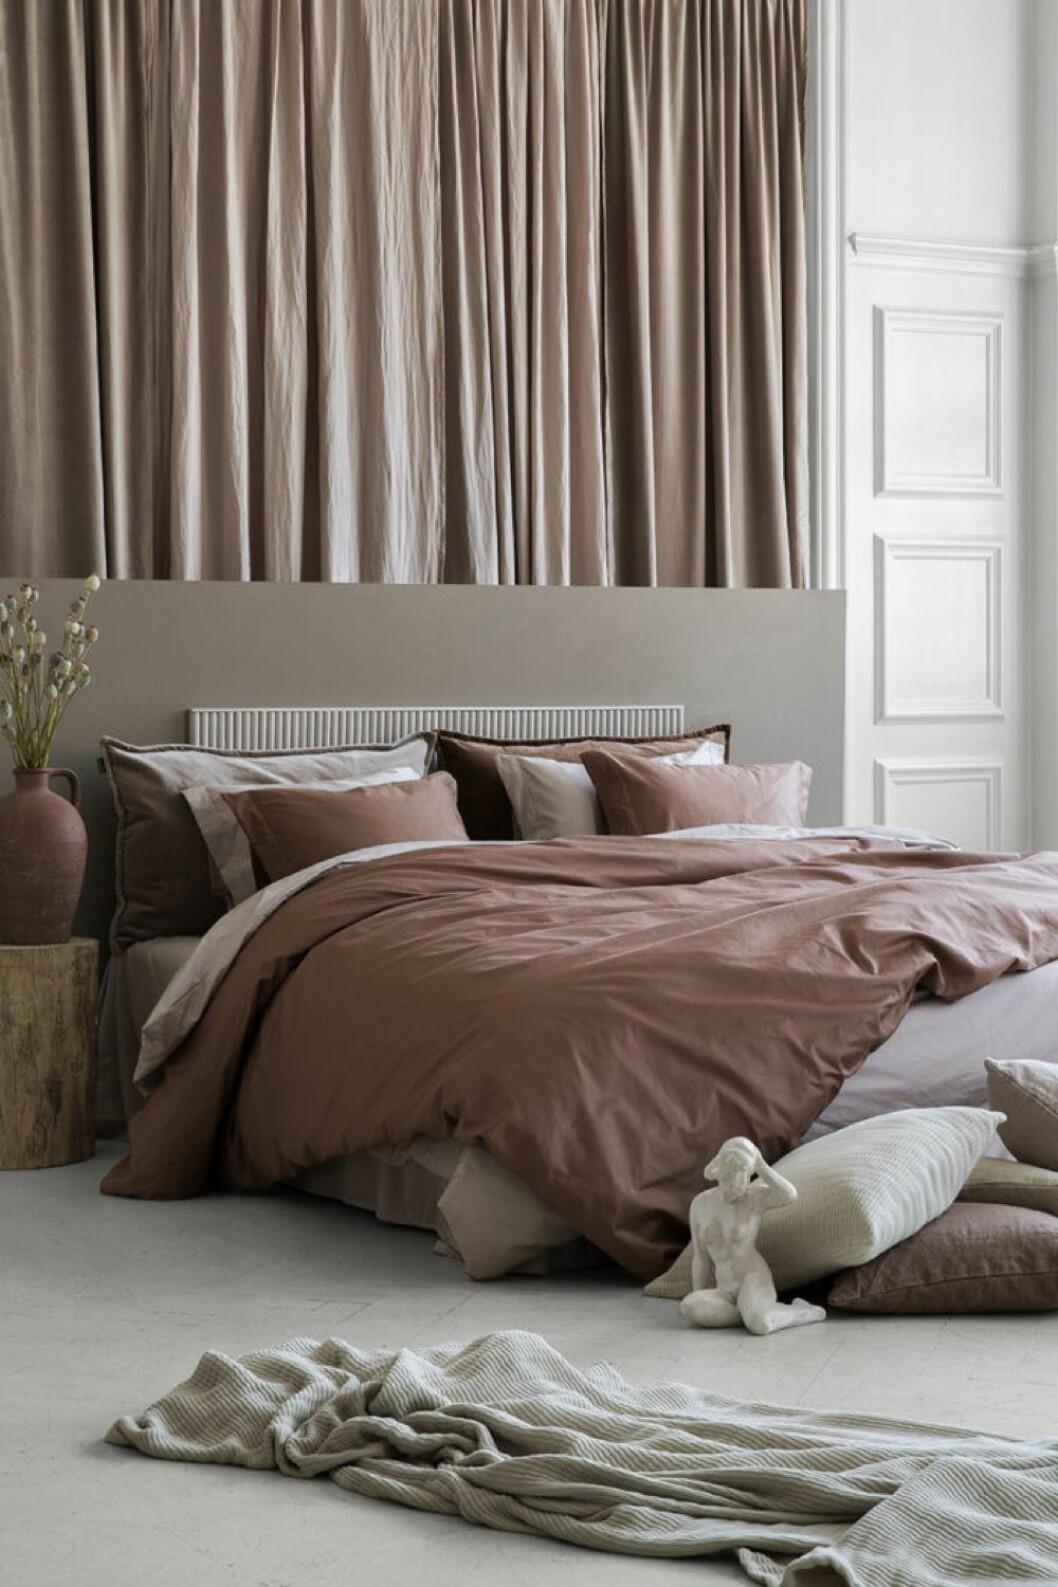 Sängkläder från Granits kollektion Muted Tones i ekologisk bomull och linne